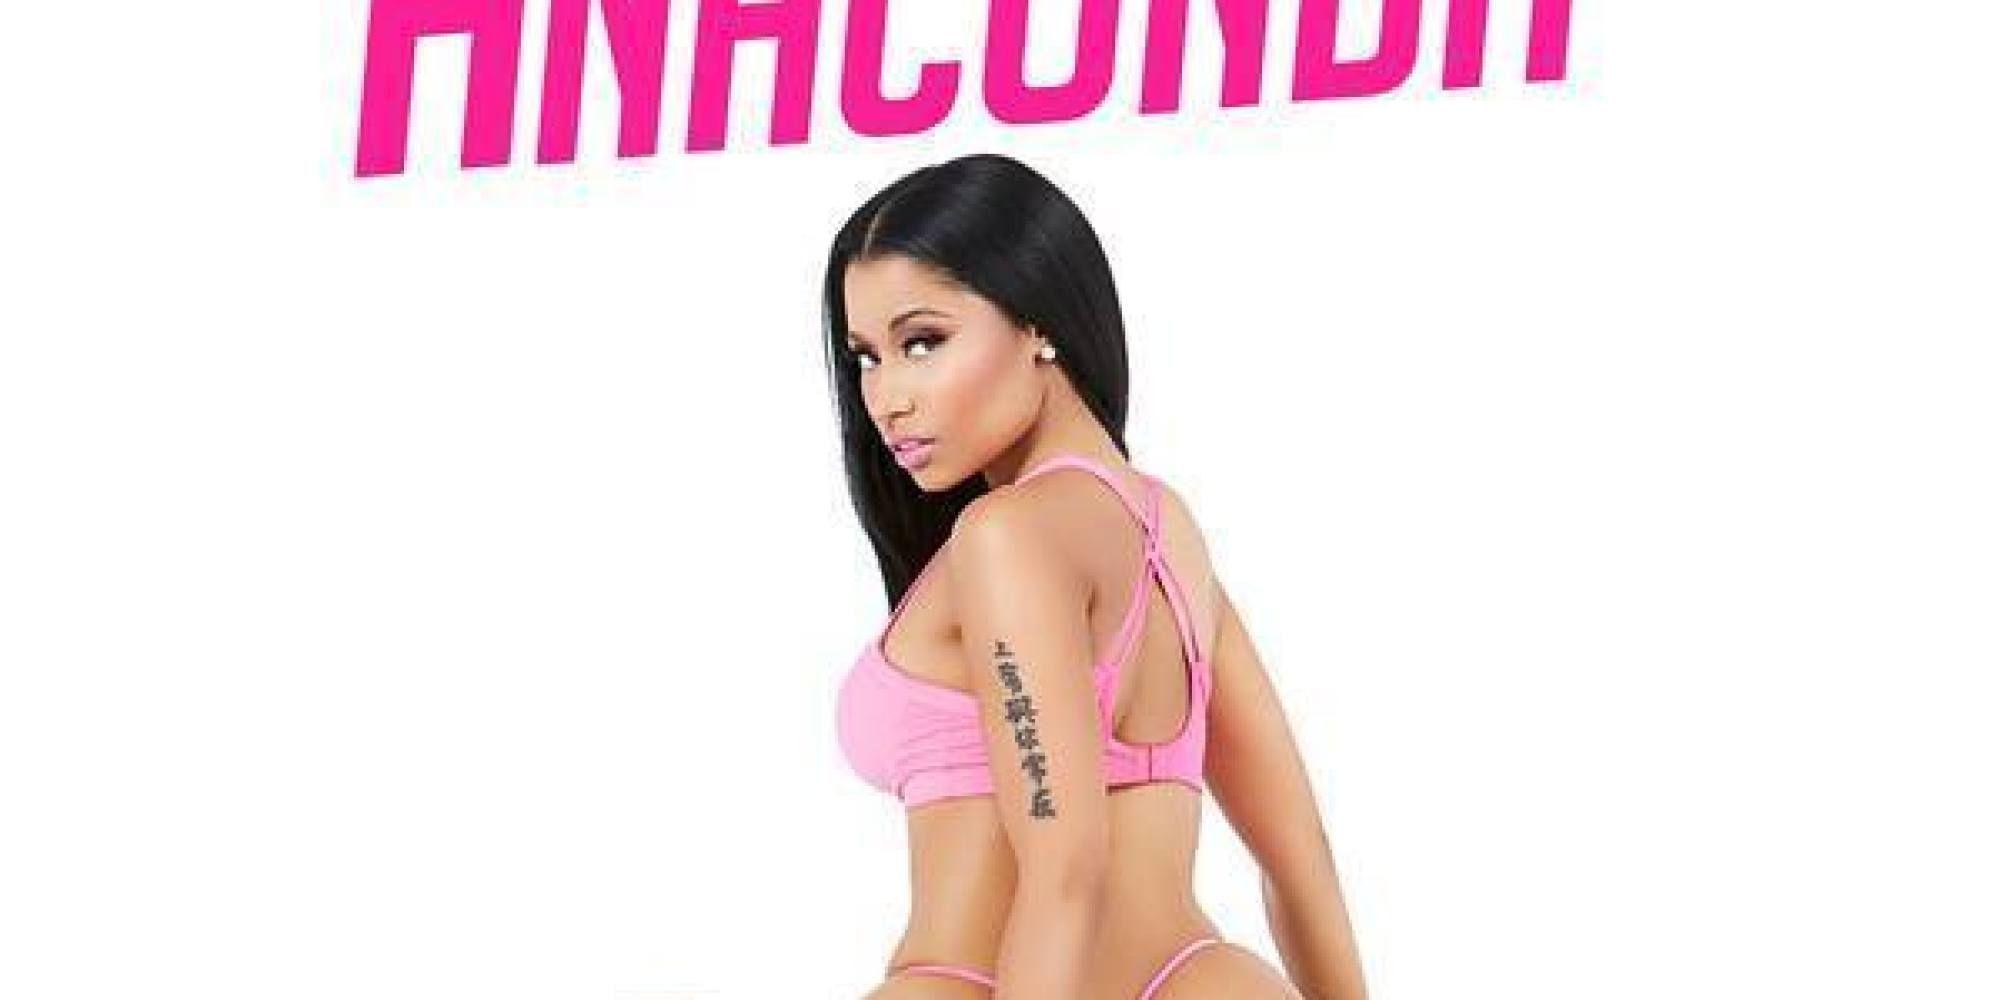 ¿Cuál de estos cantantes no ha colaborado nunca con Nicki Minaj?